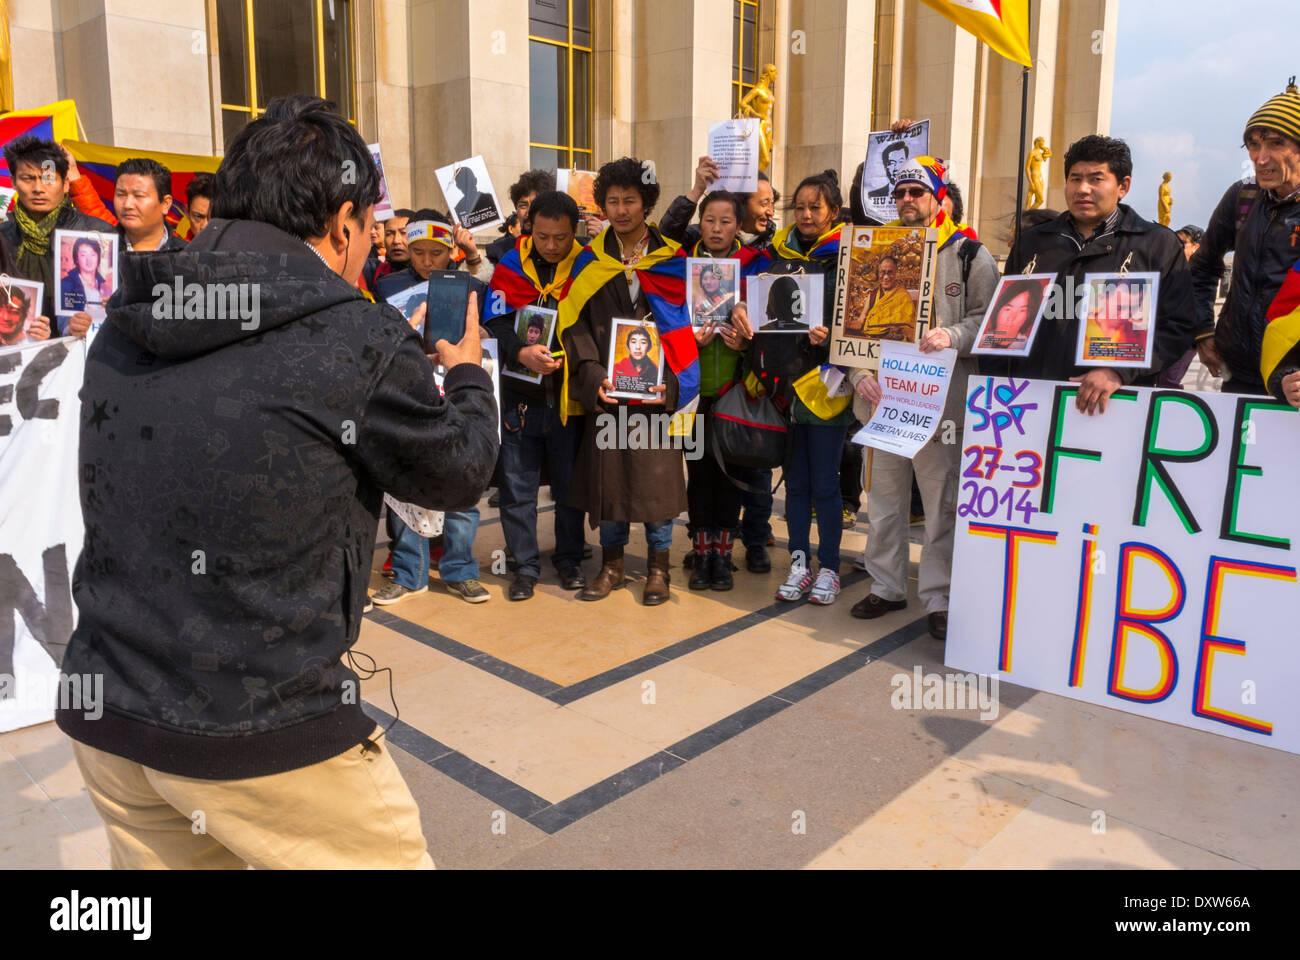 Les communautés ethniques tibétaines, taïwanaises de France et leurs amis ont appelé les citoyens français à se mobiliser lors de la visite du Président chinois à Paris, en tenant des panneaux de protestation et des photos des victimes, des hommes réfugiés Banque D'Images